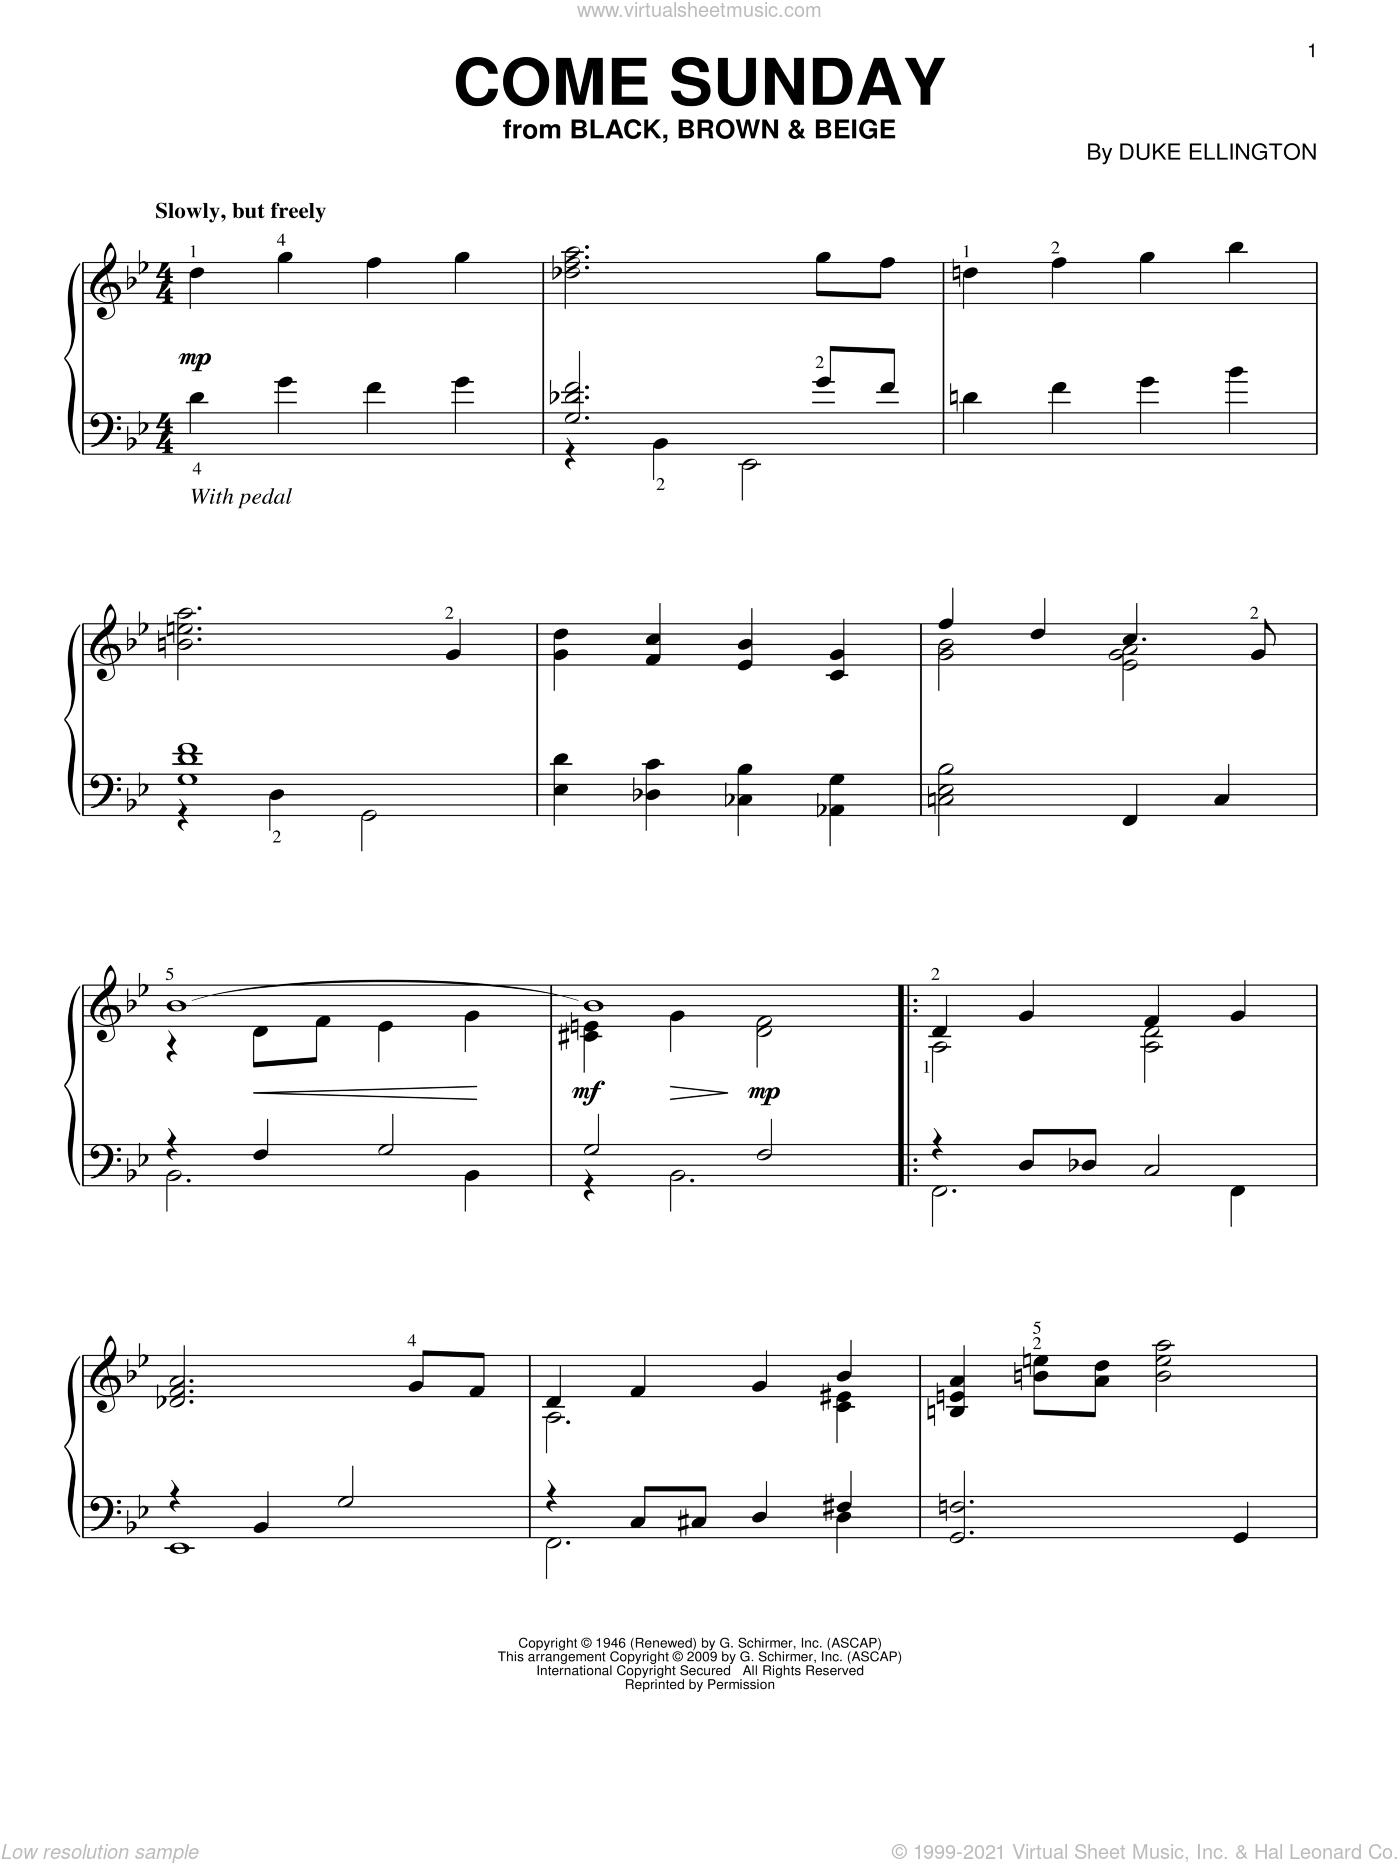 Come Sunday sheet music for piano solo by Duke Ellington, intermediate skill level